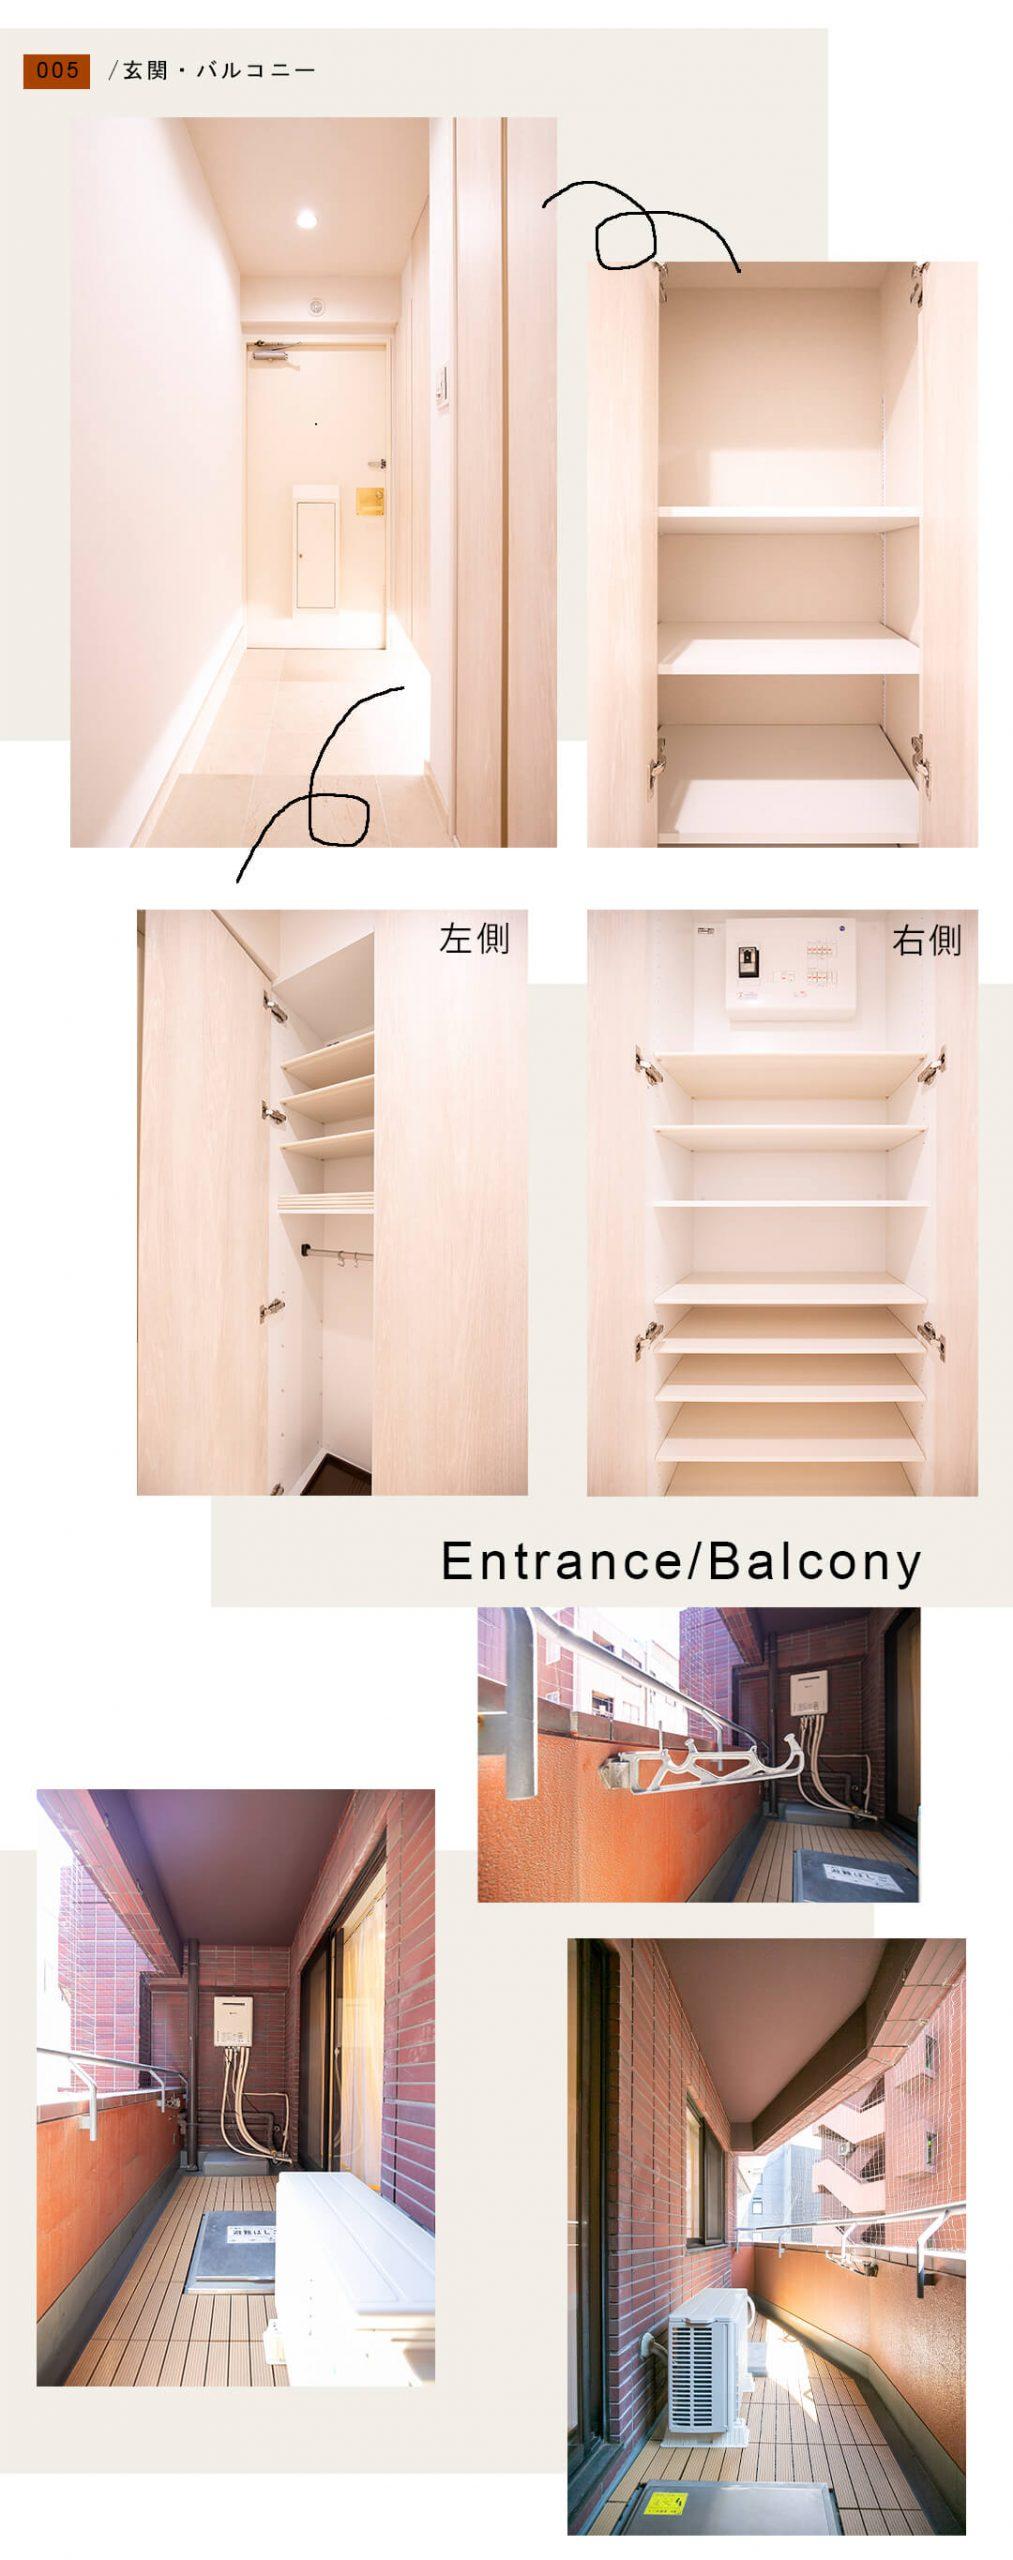 005玄関,バルコニー,Entrance,Balcony